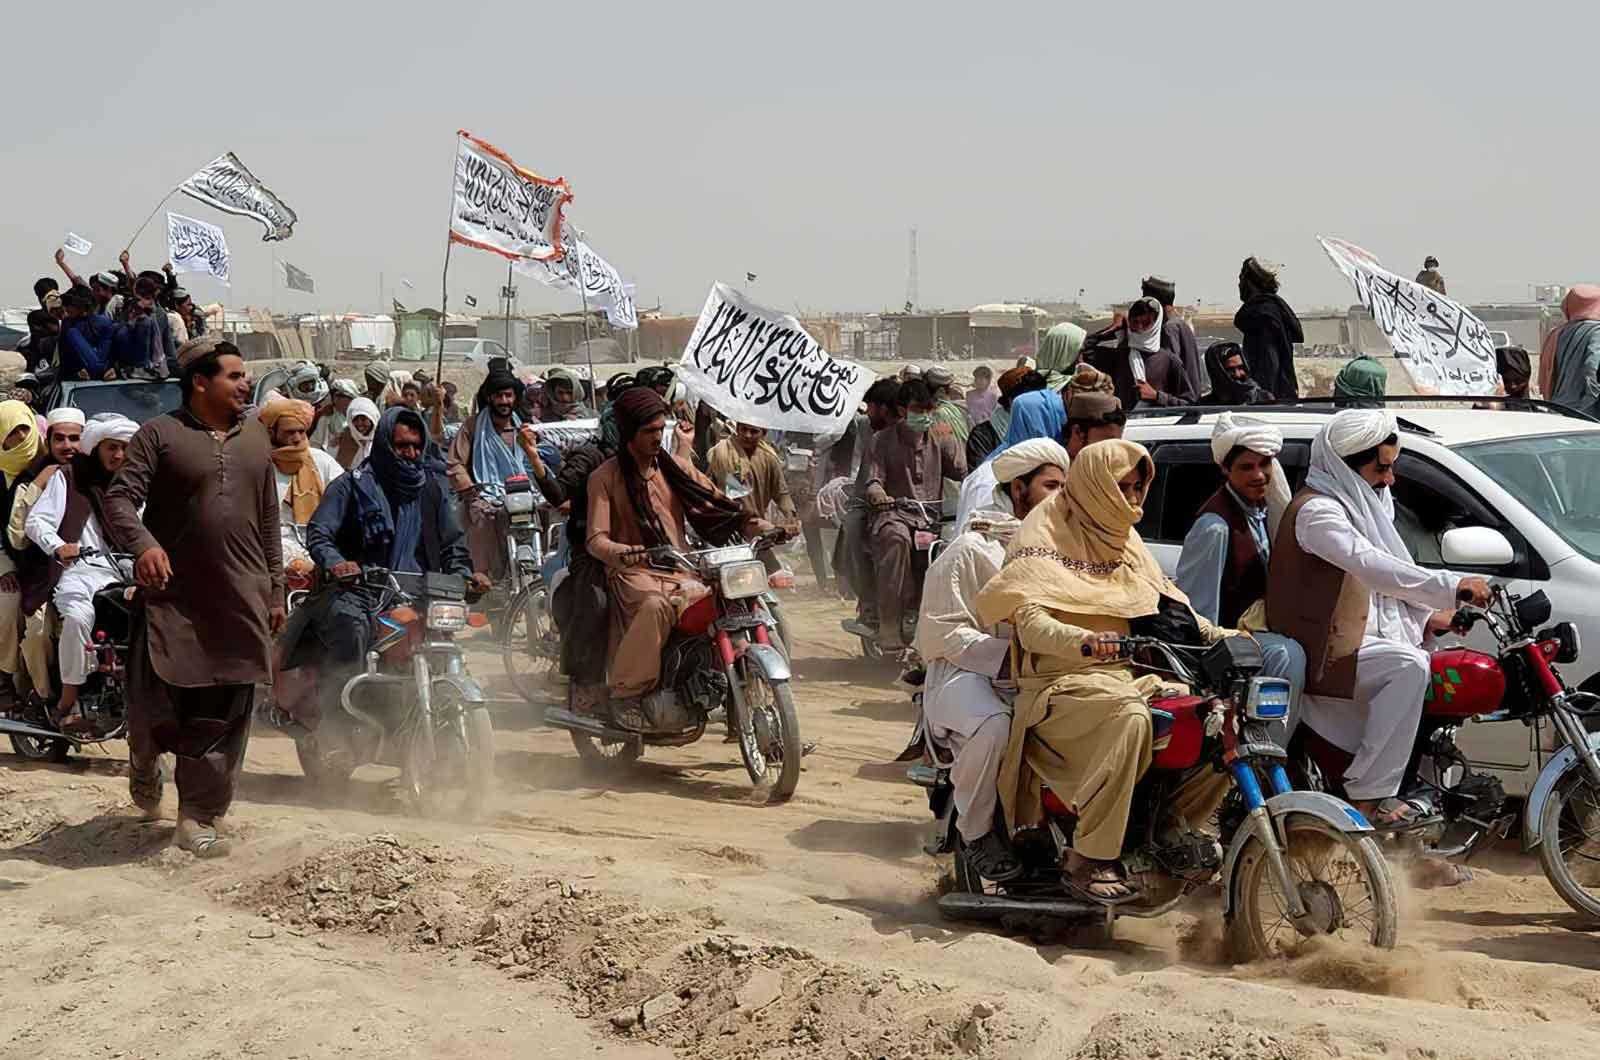 Estados Unidos preocupado por los ataques talibanes contra civiles afganos